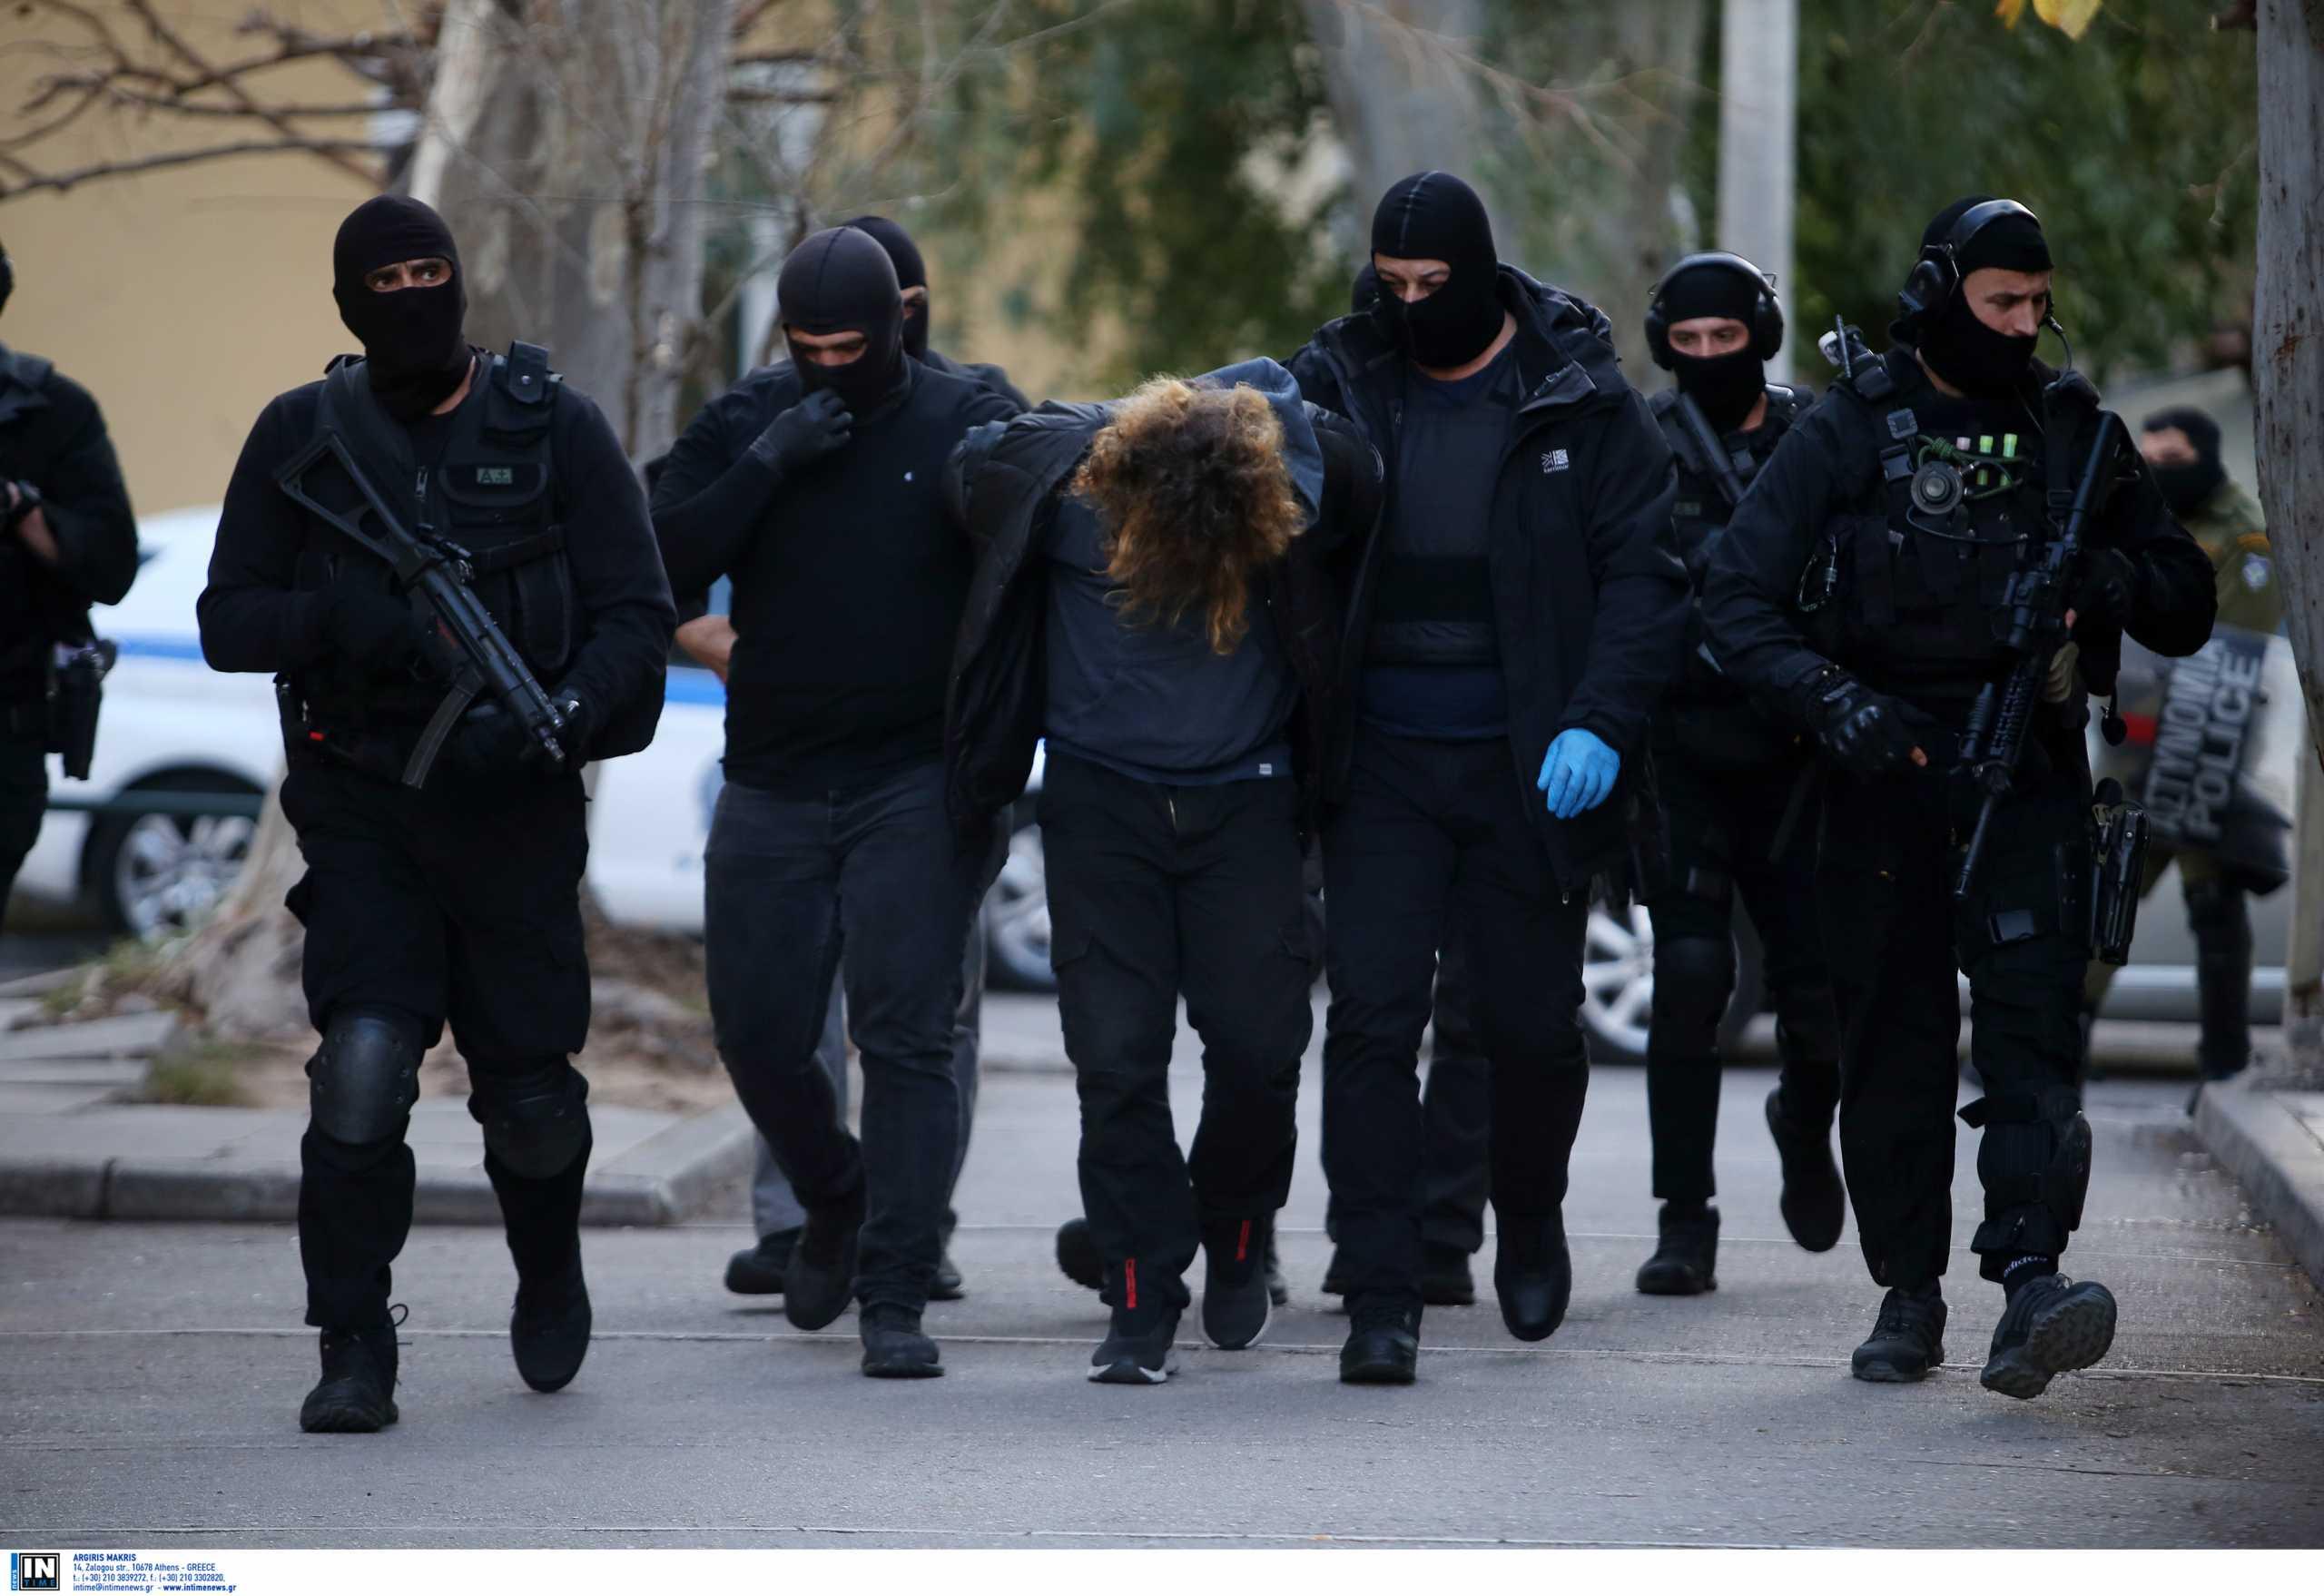 Νέα Σμύρνη: Ποινική δίωξη για τέσσερα κακουργήματα σε βάρος δύο συλληφθέντων (pics)